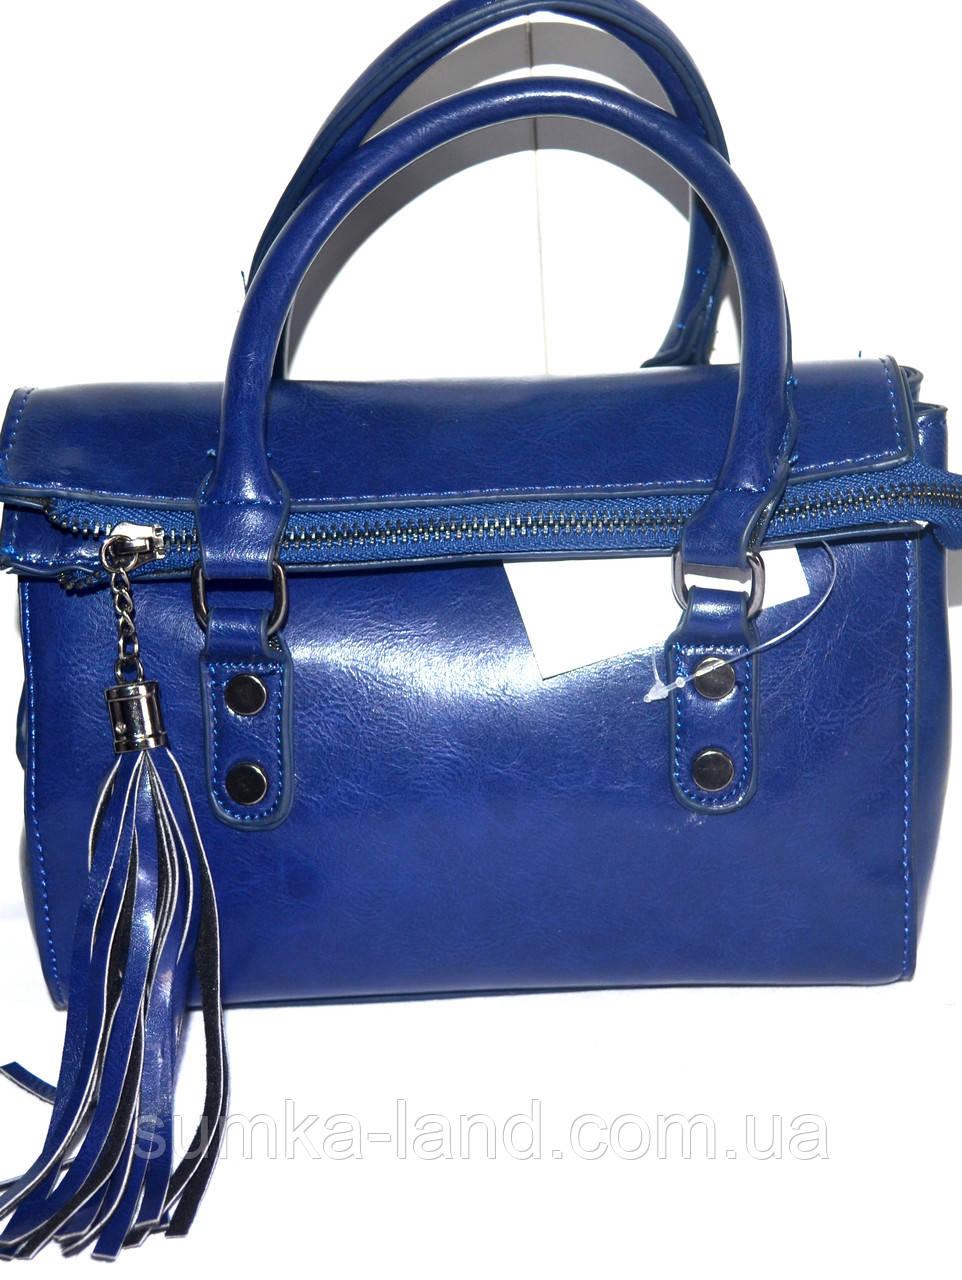 Женские маленькие сумочки 21*17 синий